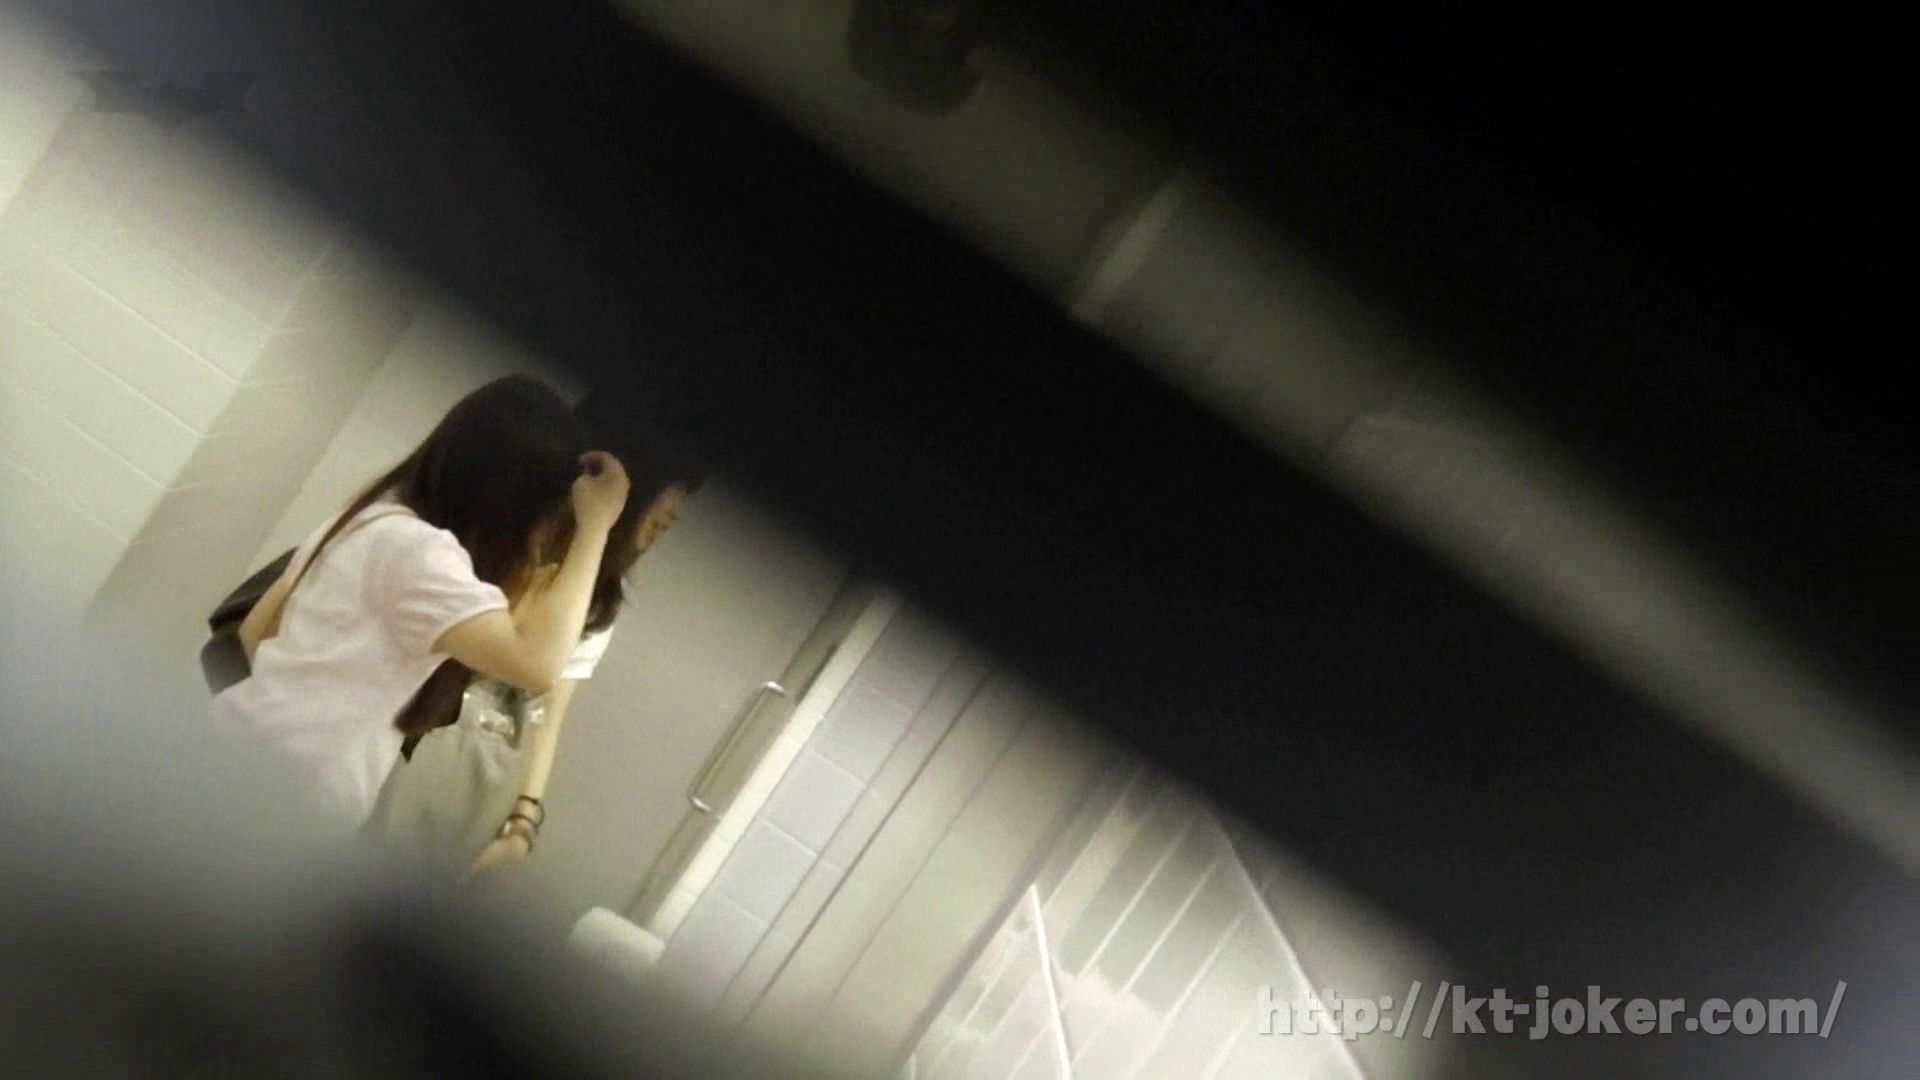 命がけ潜伏洗面所! vol.67 女性の日特集!! プライベート 覗きスケベ動画紹介 93PICs 2